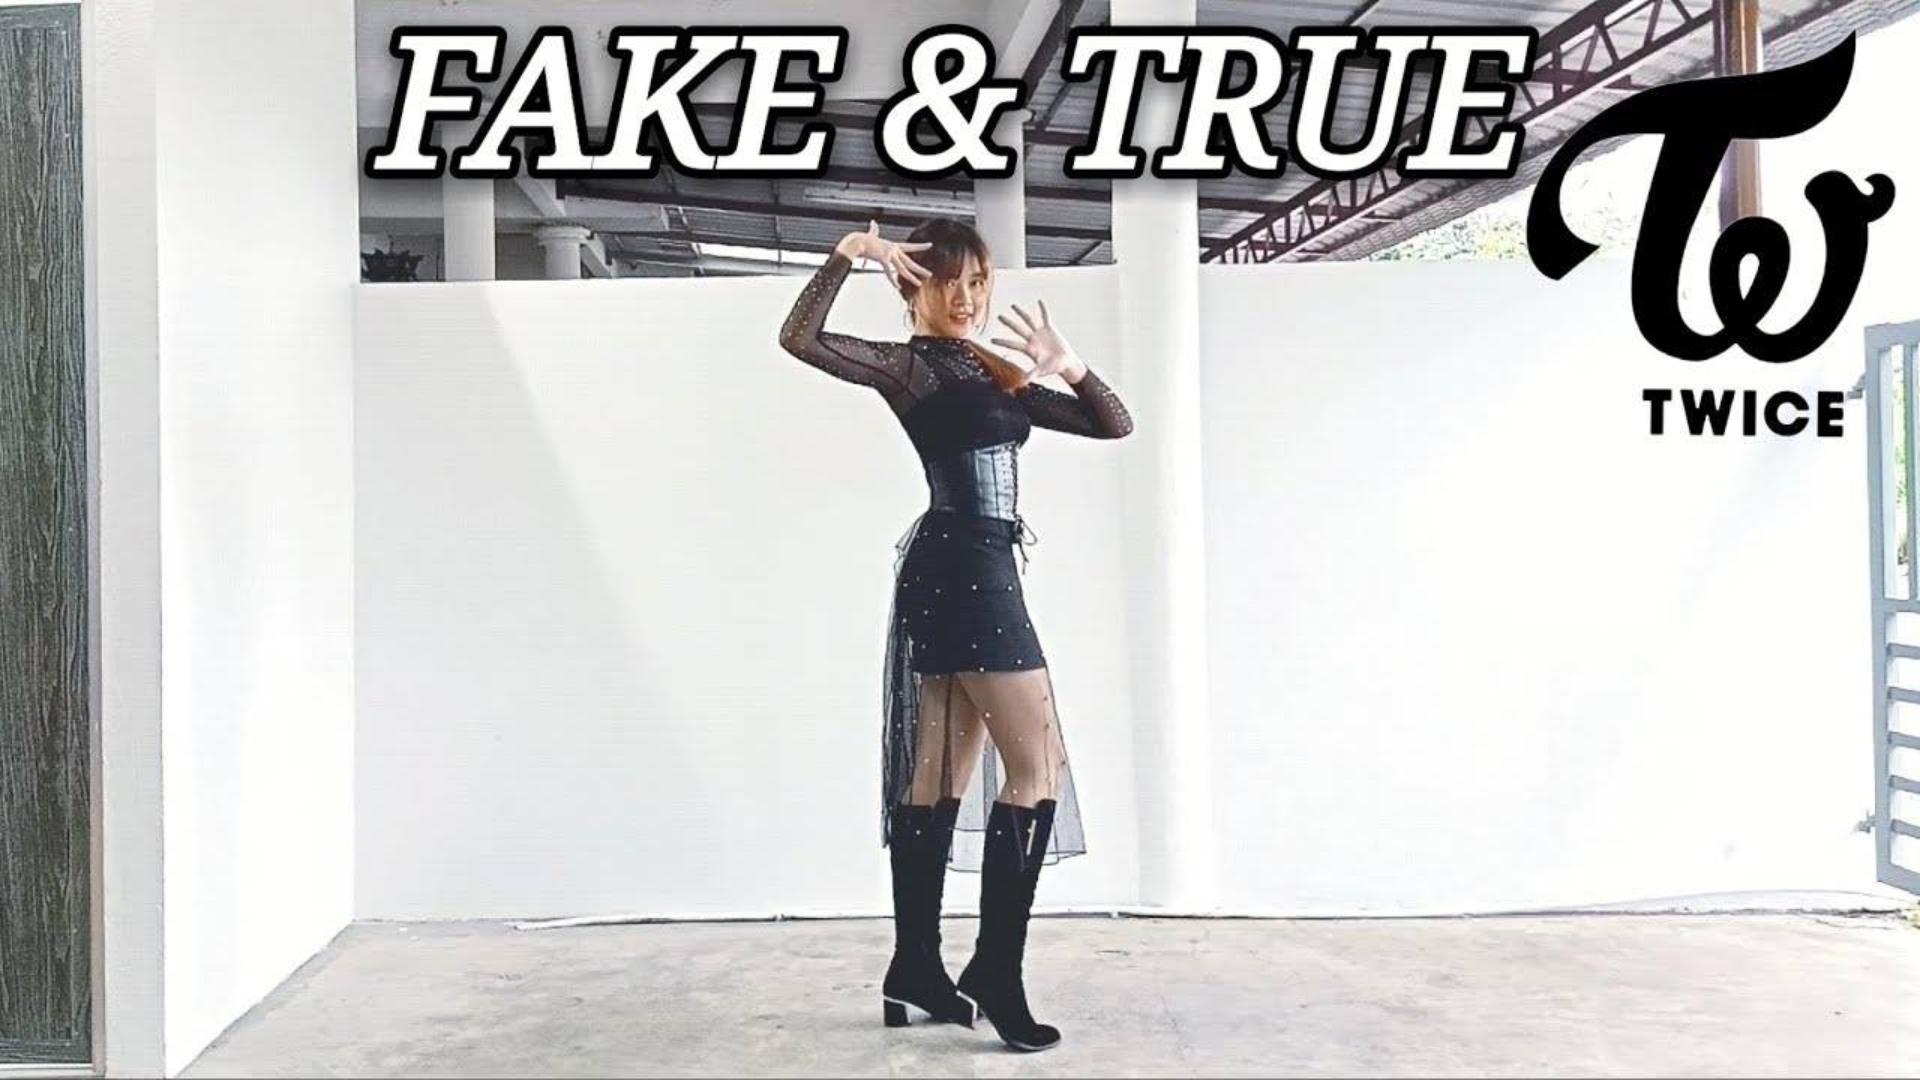 马来西亚美女Cindy翻跳TWICE - Fake & True